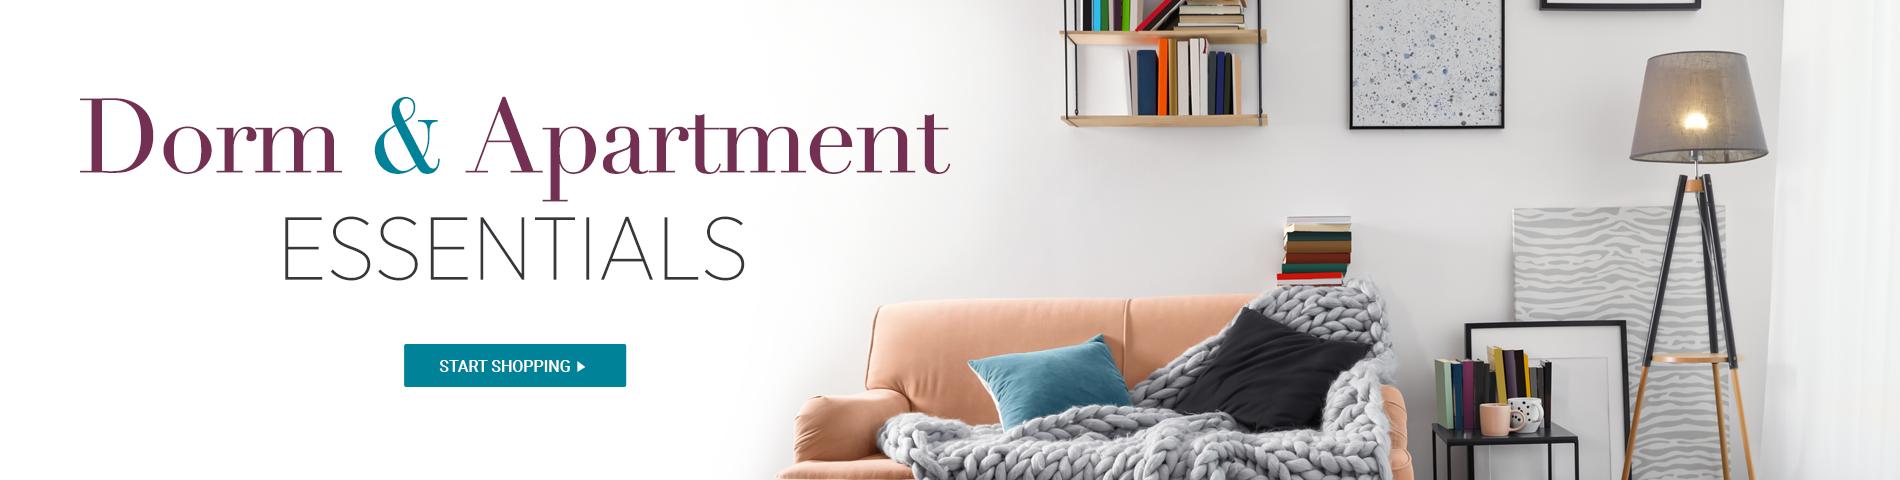 Dorm & Apartment Essentials